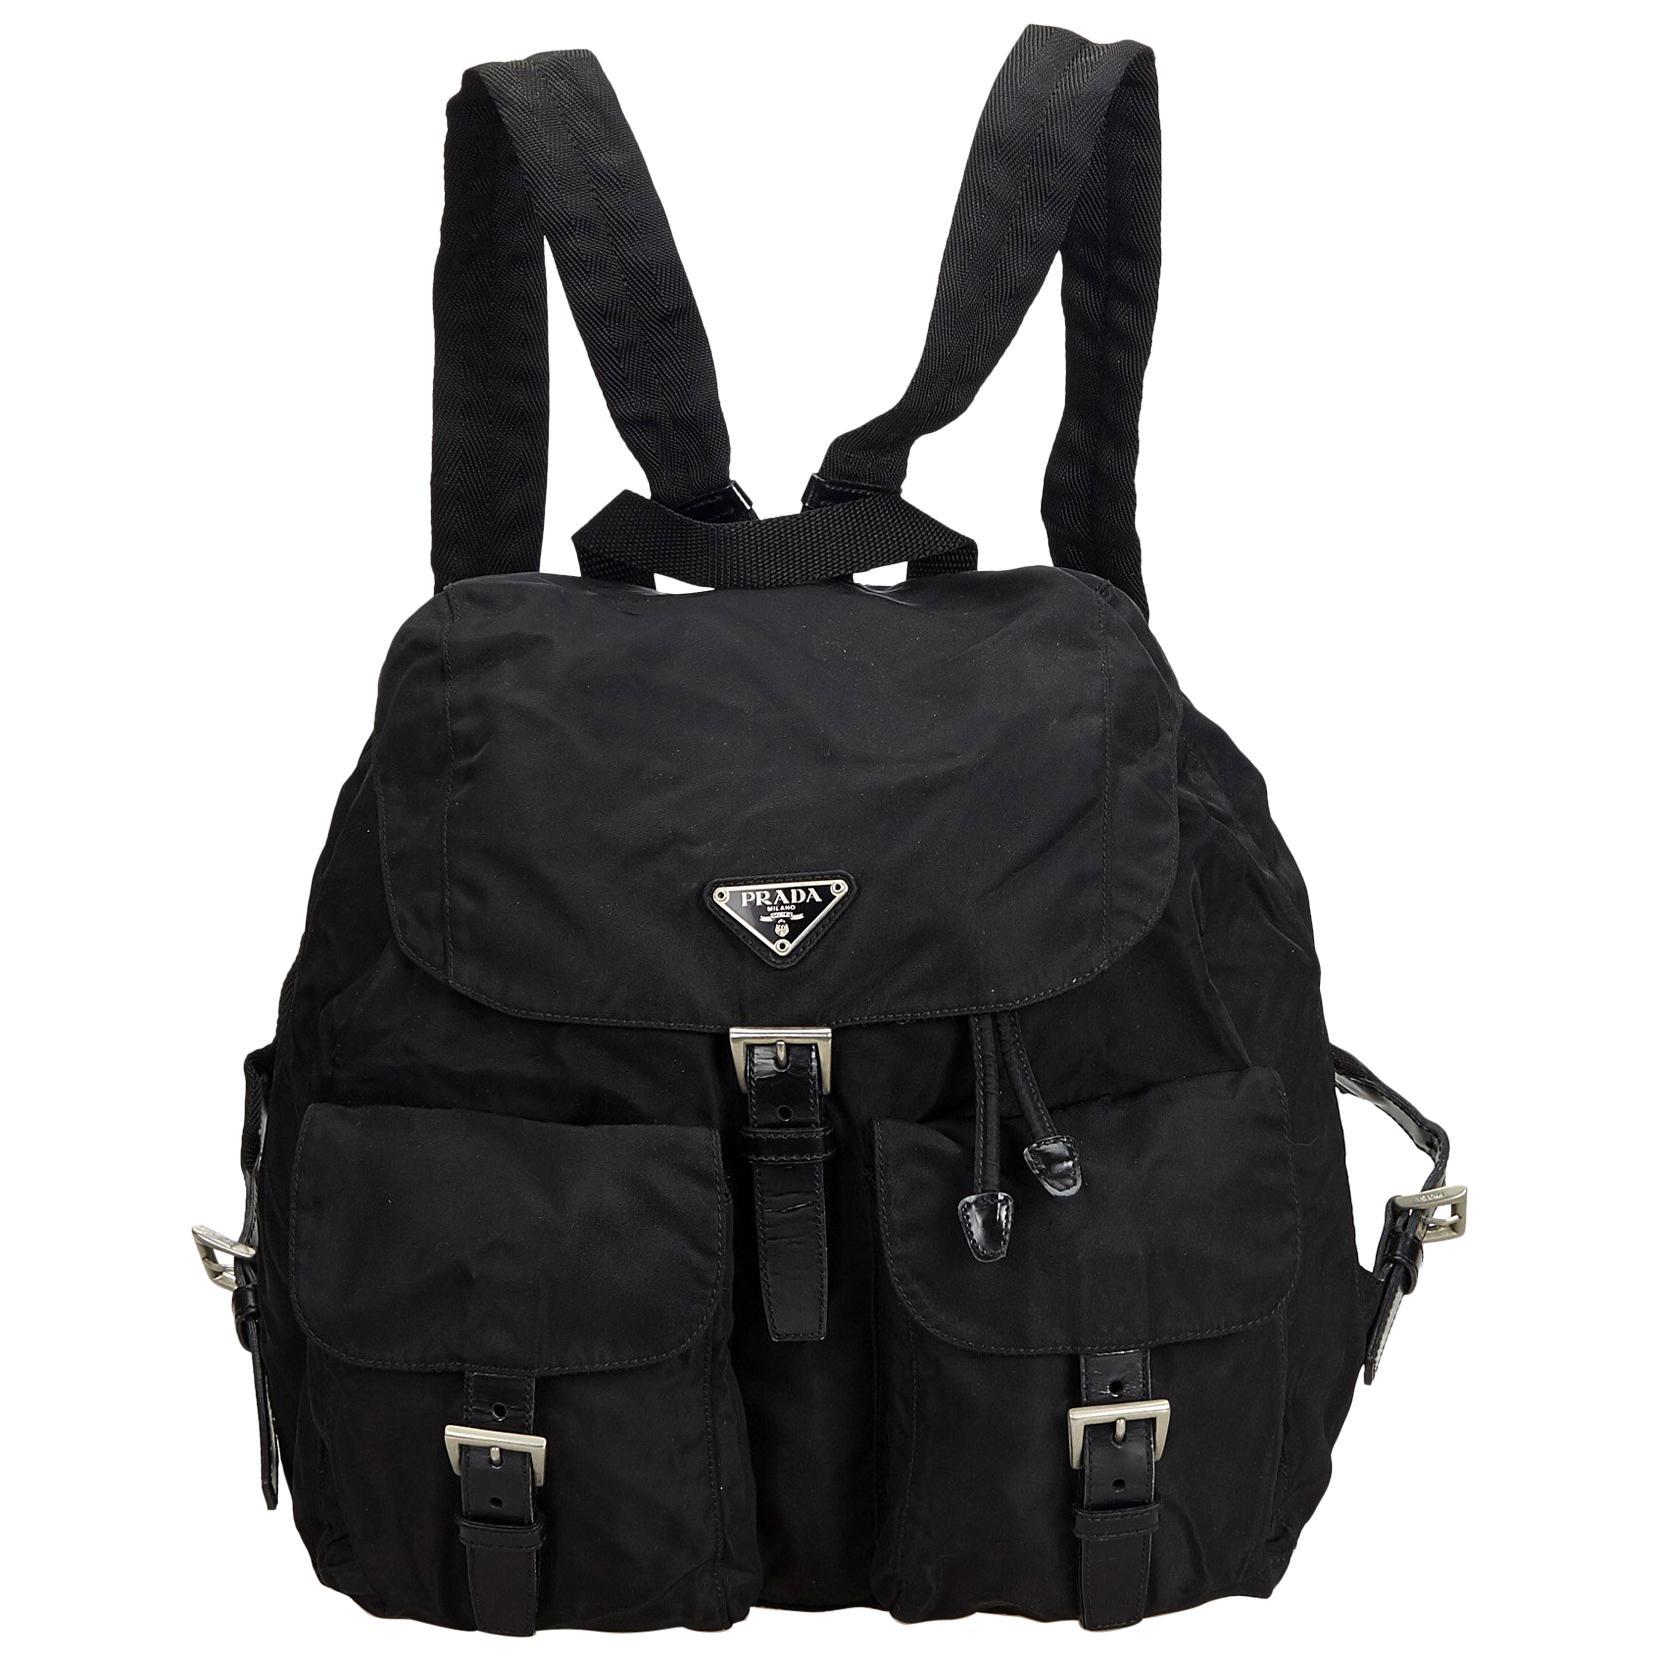 f8122a9eacb6 ... uk prada black nylon backpack f8595 2a137